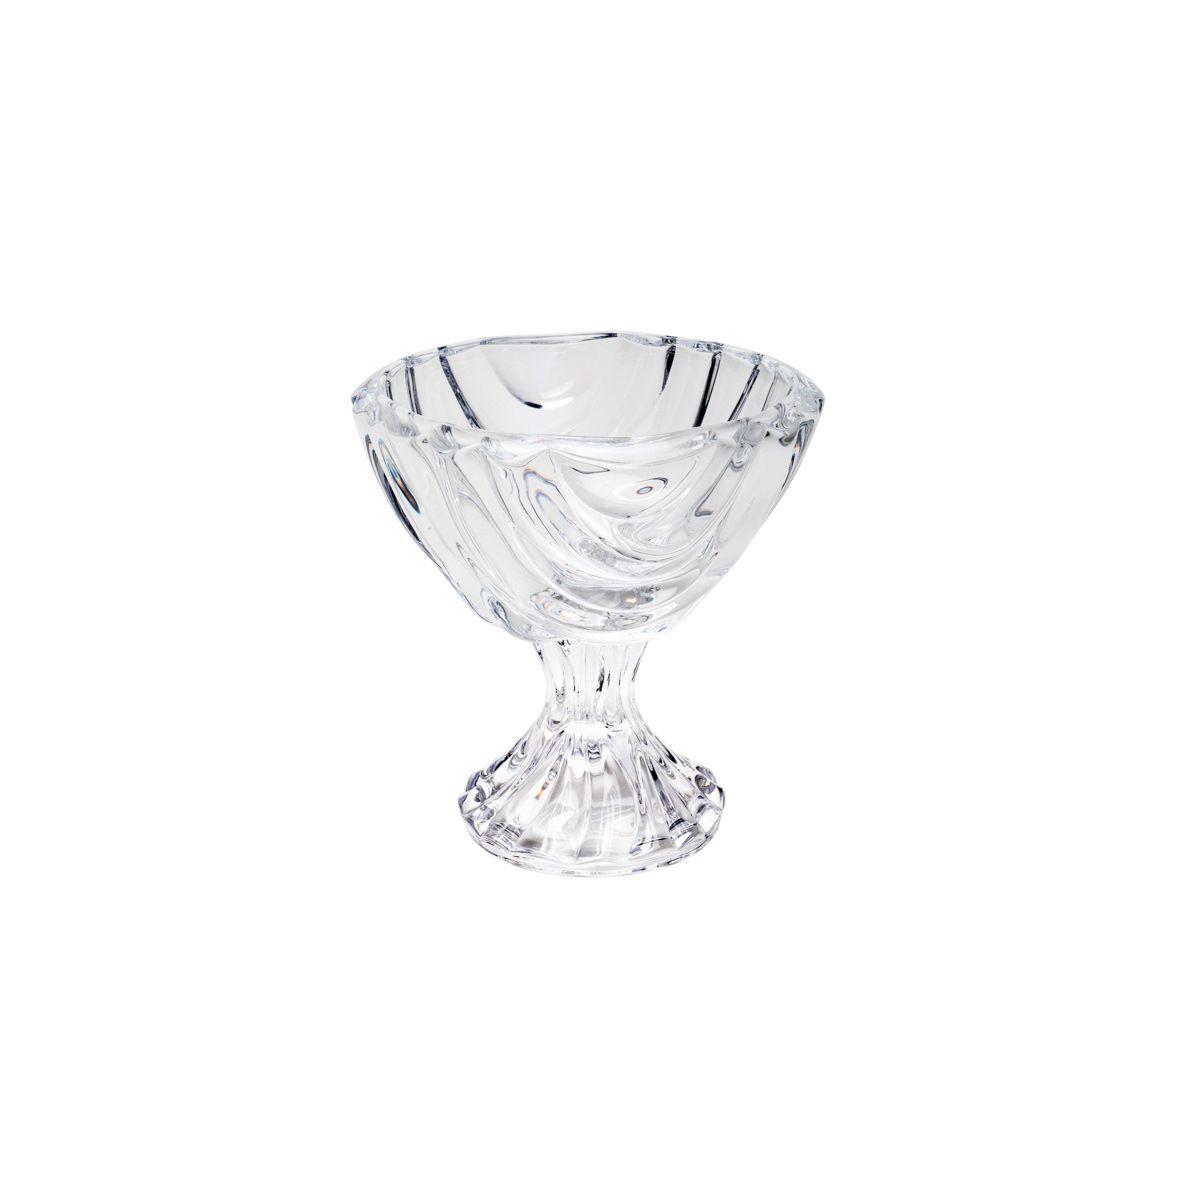 Jogo 6 taças 12 cm para sobremesa de cristal com base transparente Bamboo Wolff - 26299